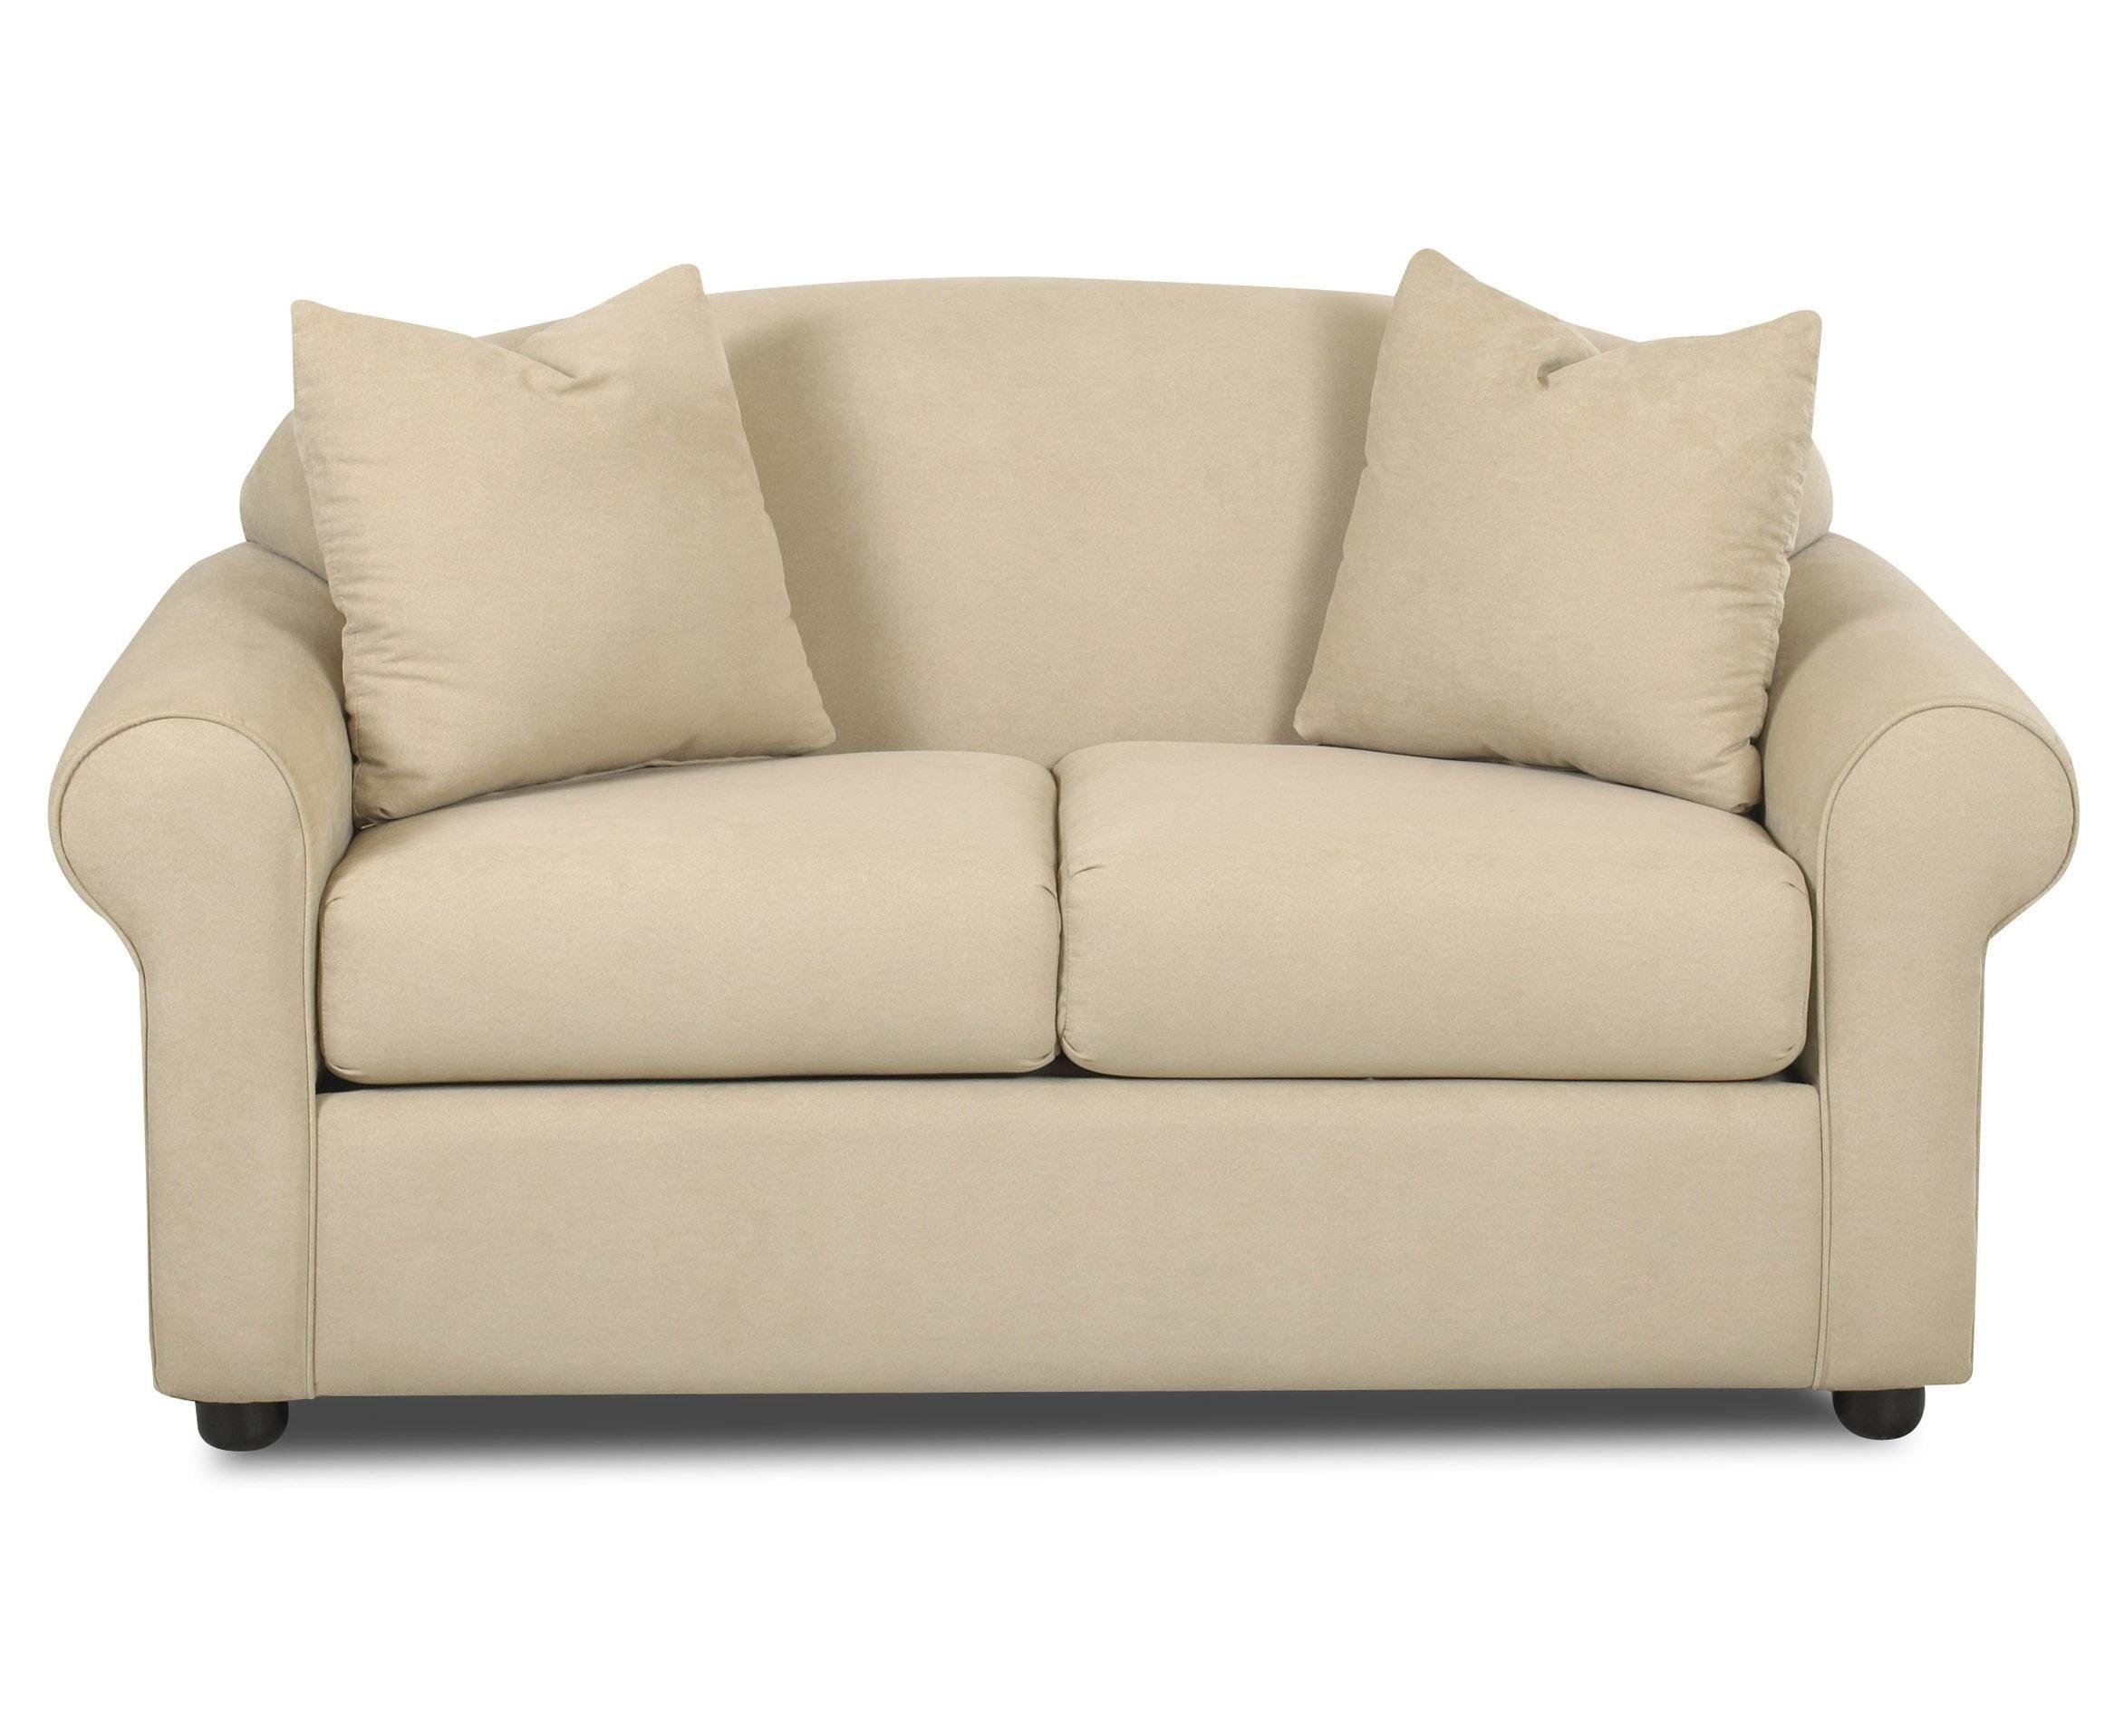 Schlafsofa Loveseat Sessel Diese Vielen Bilder Von